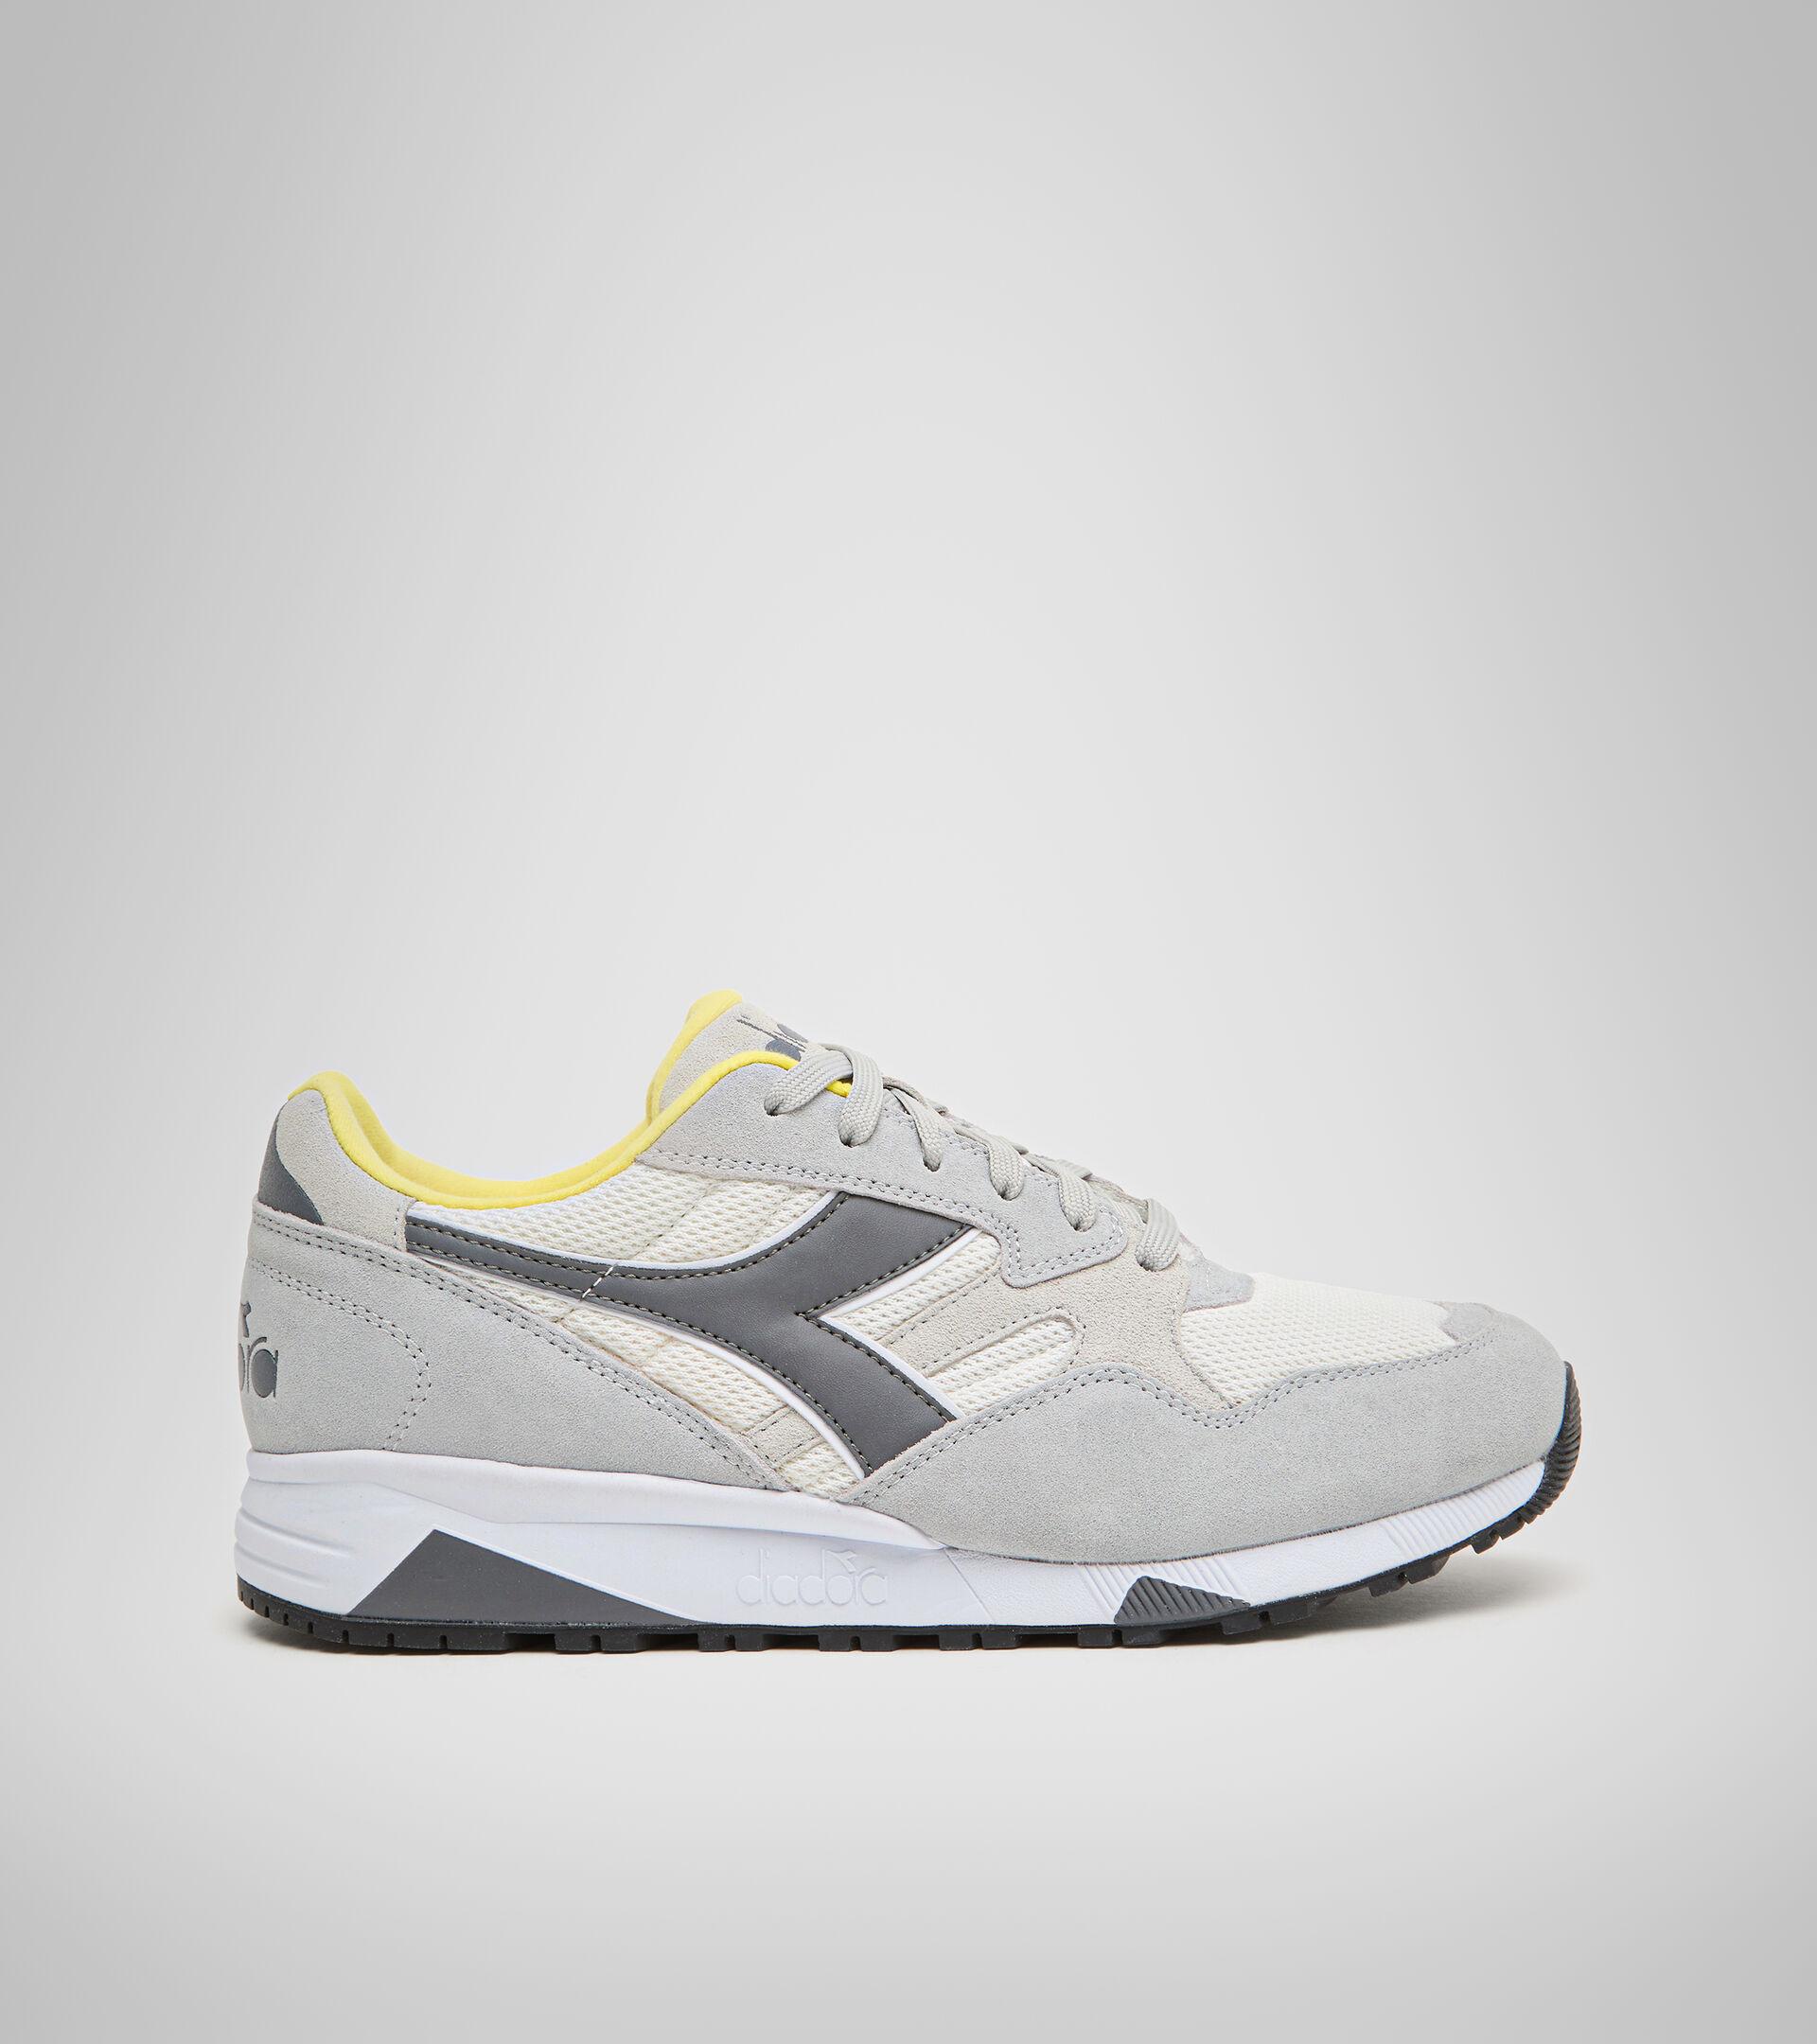 Footwear Sportswear UNISEX N902 S ALUMINUM/STEEL GRAY Diadora